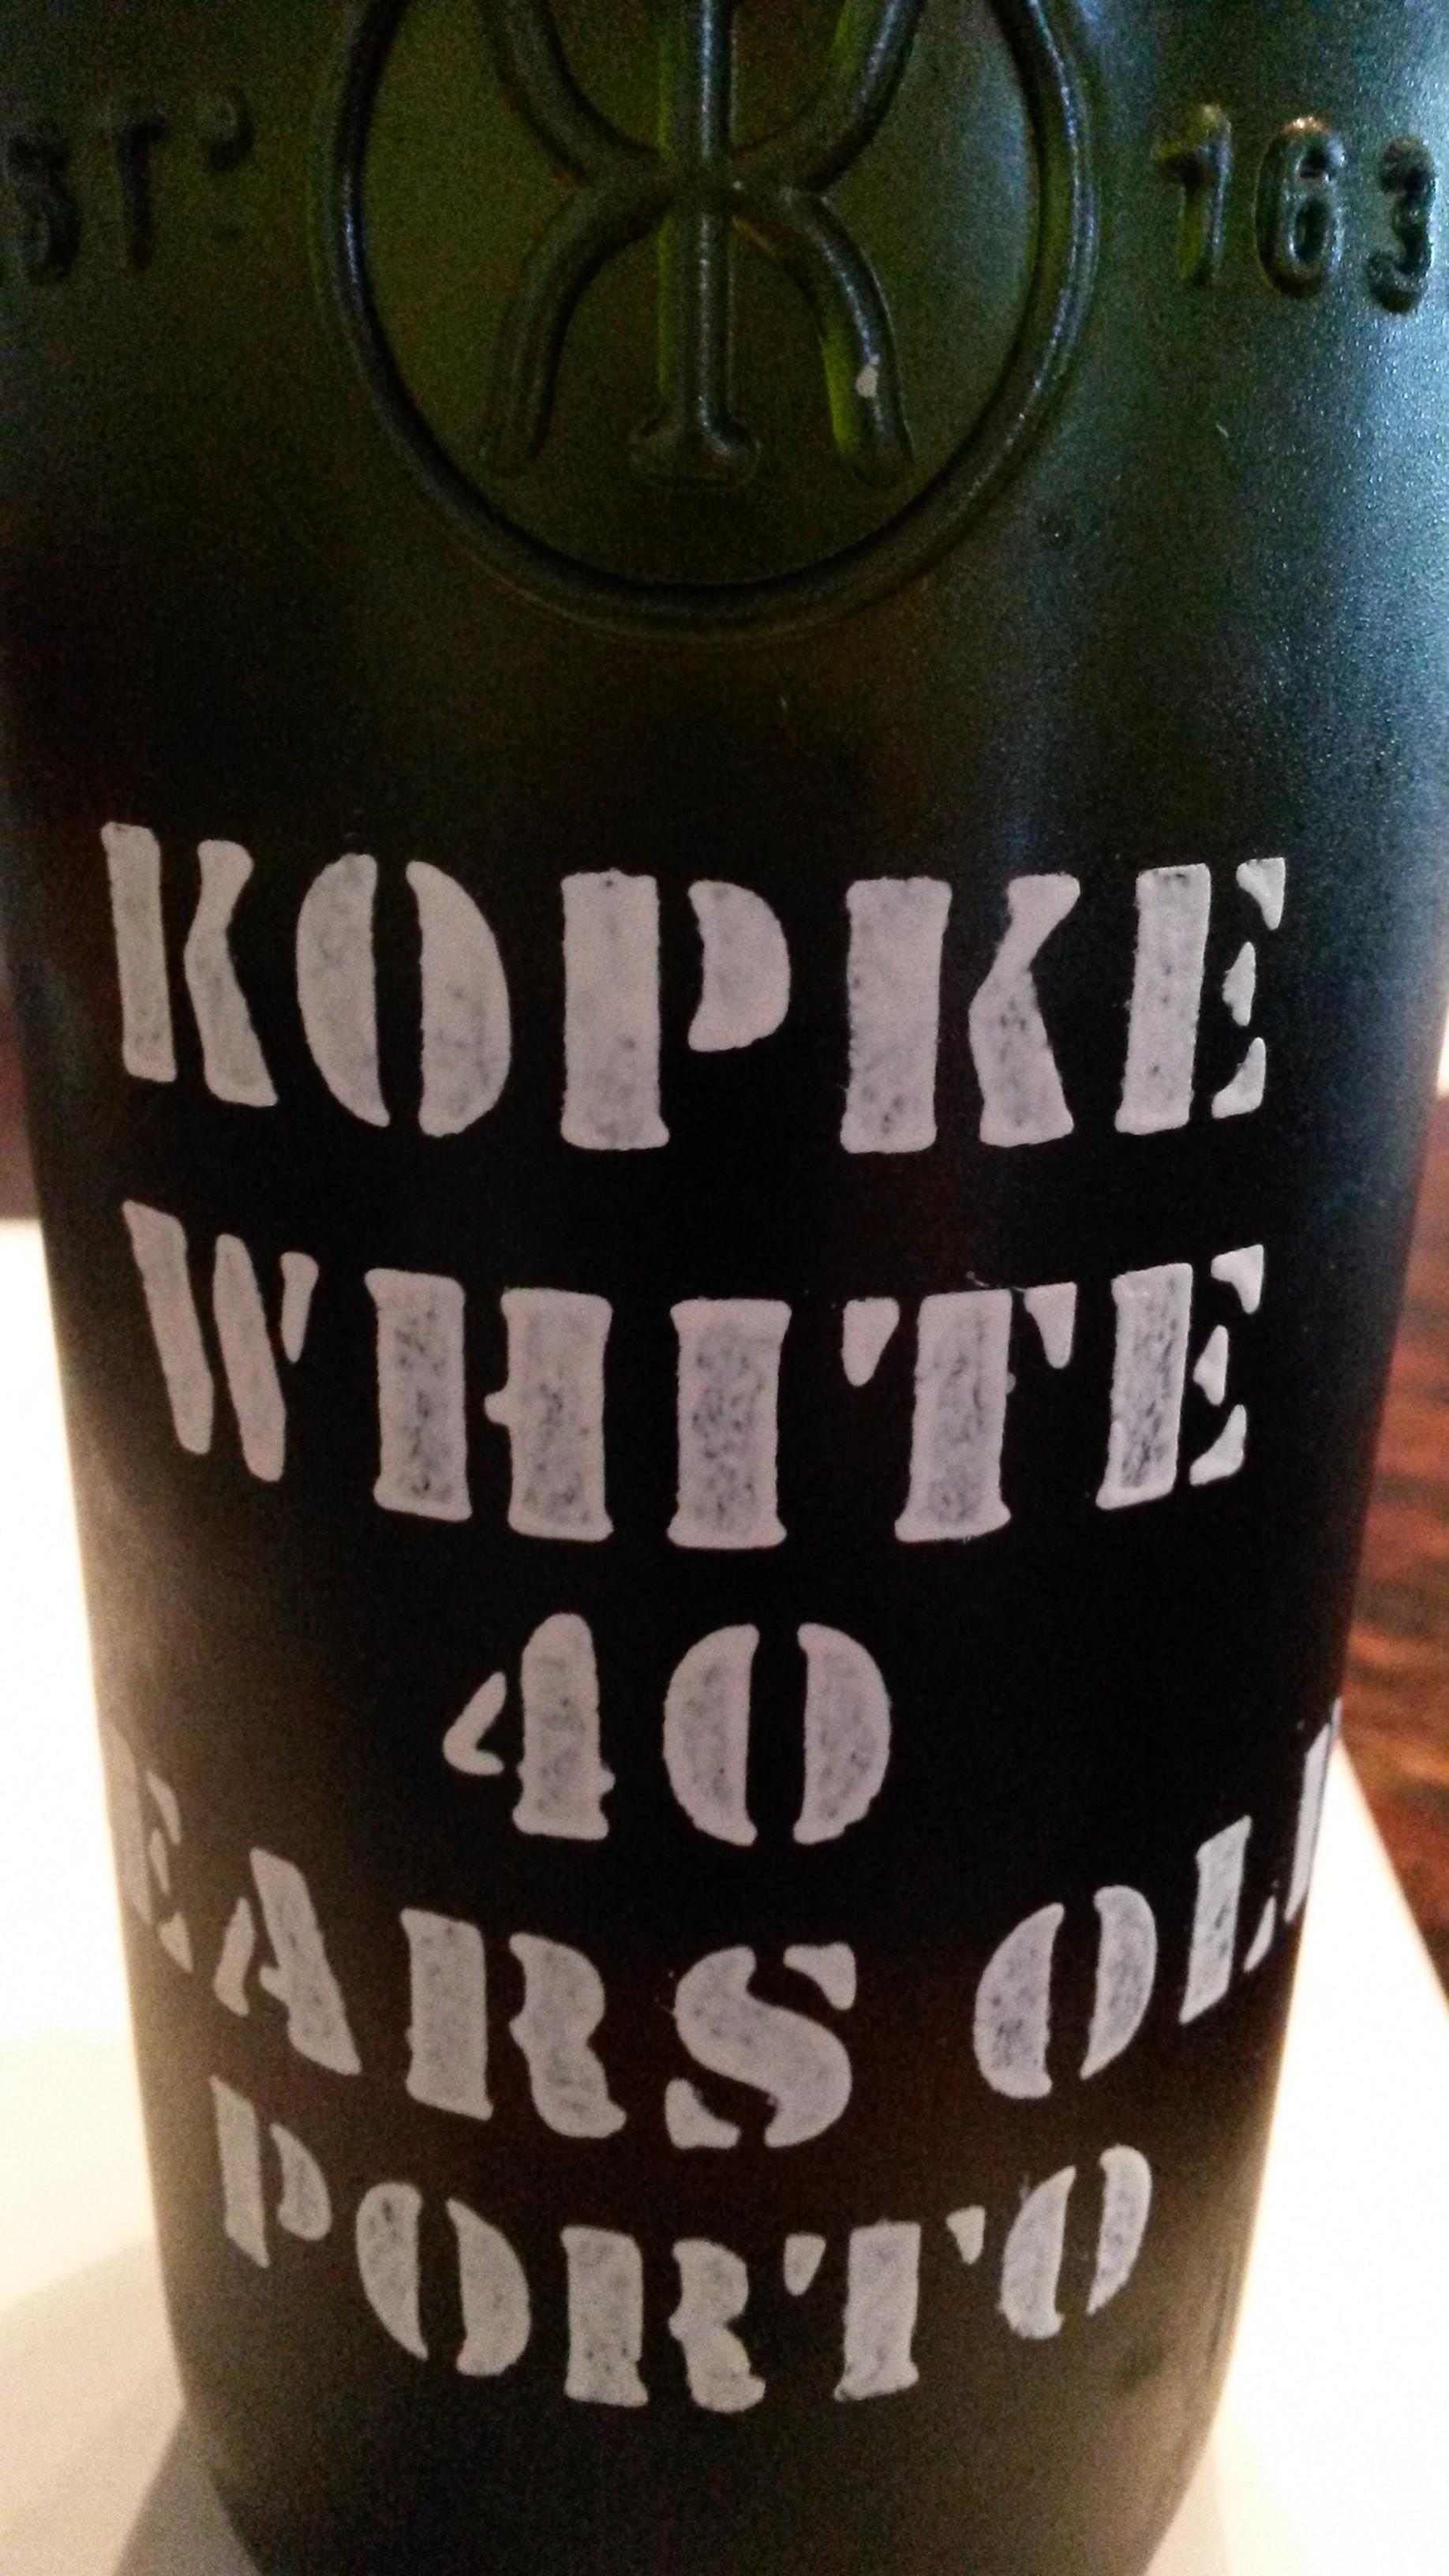 Kopke white 40